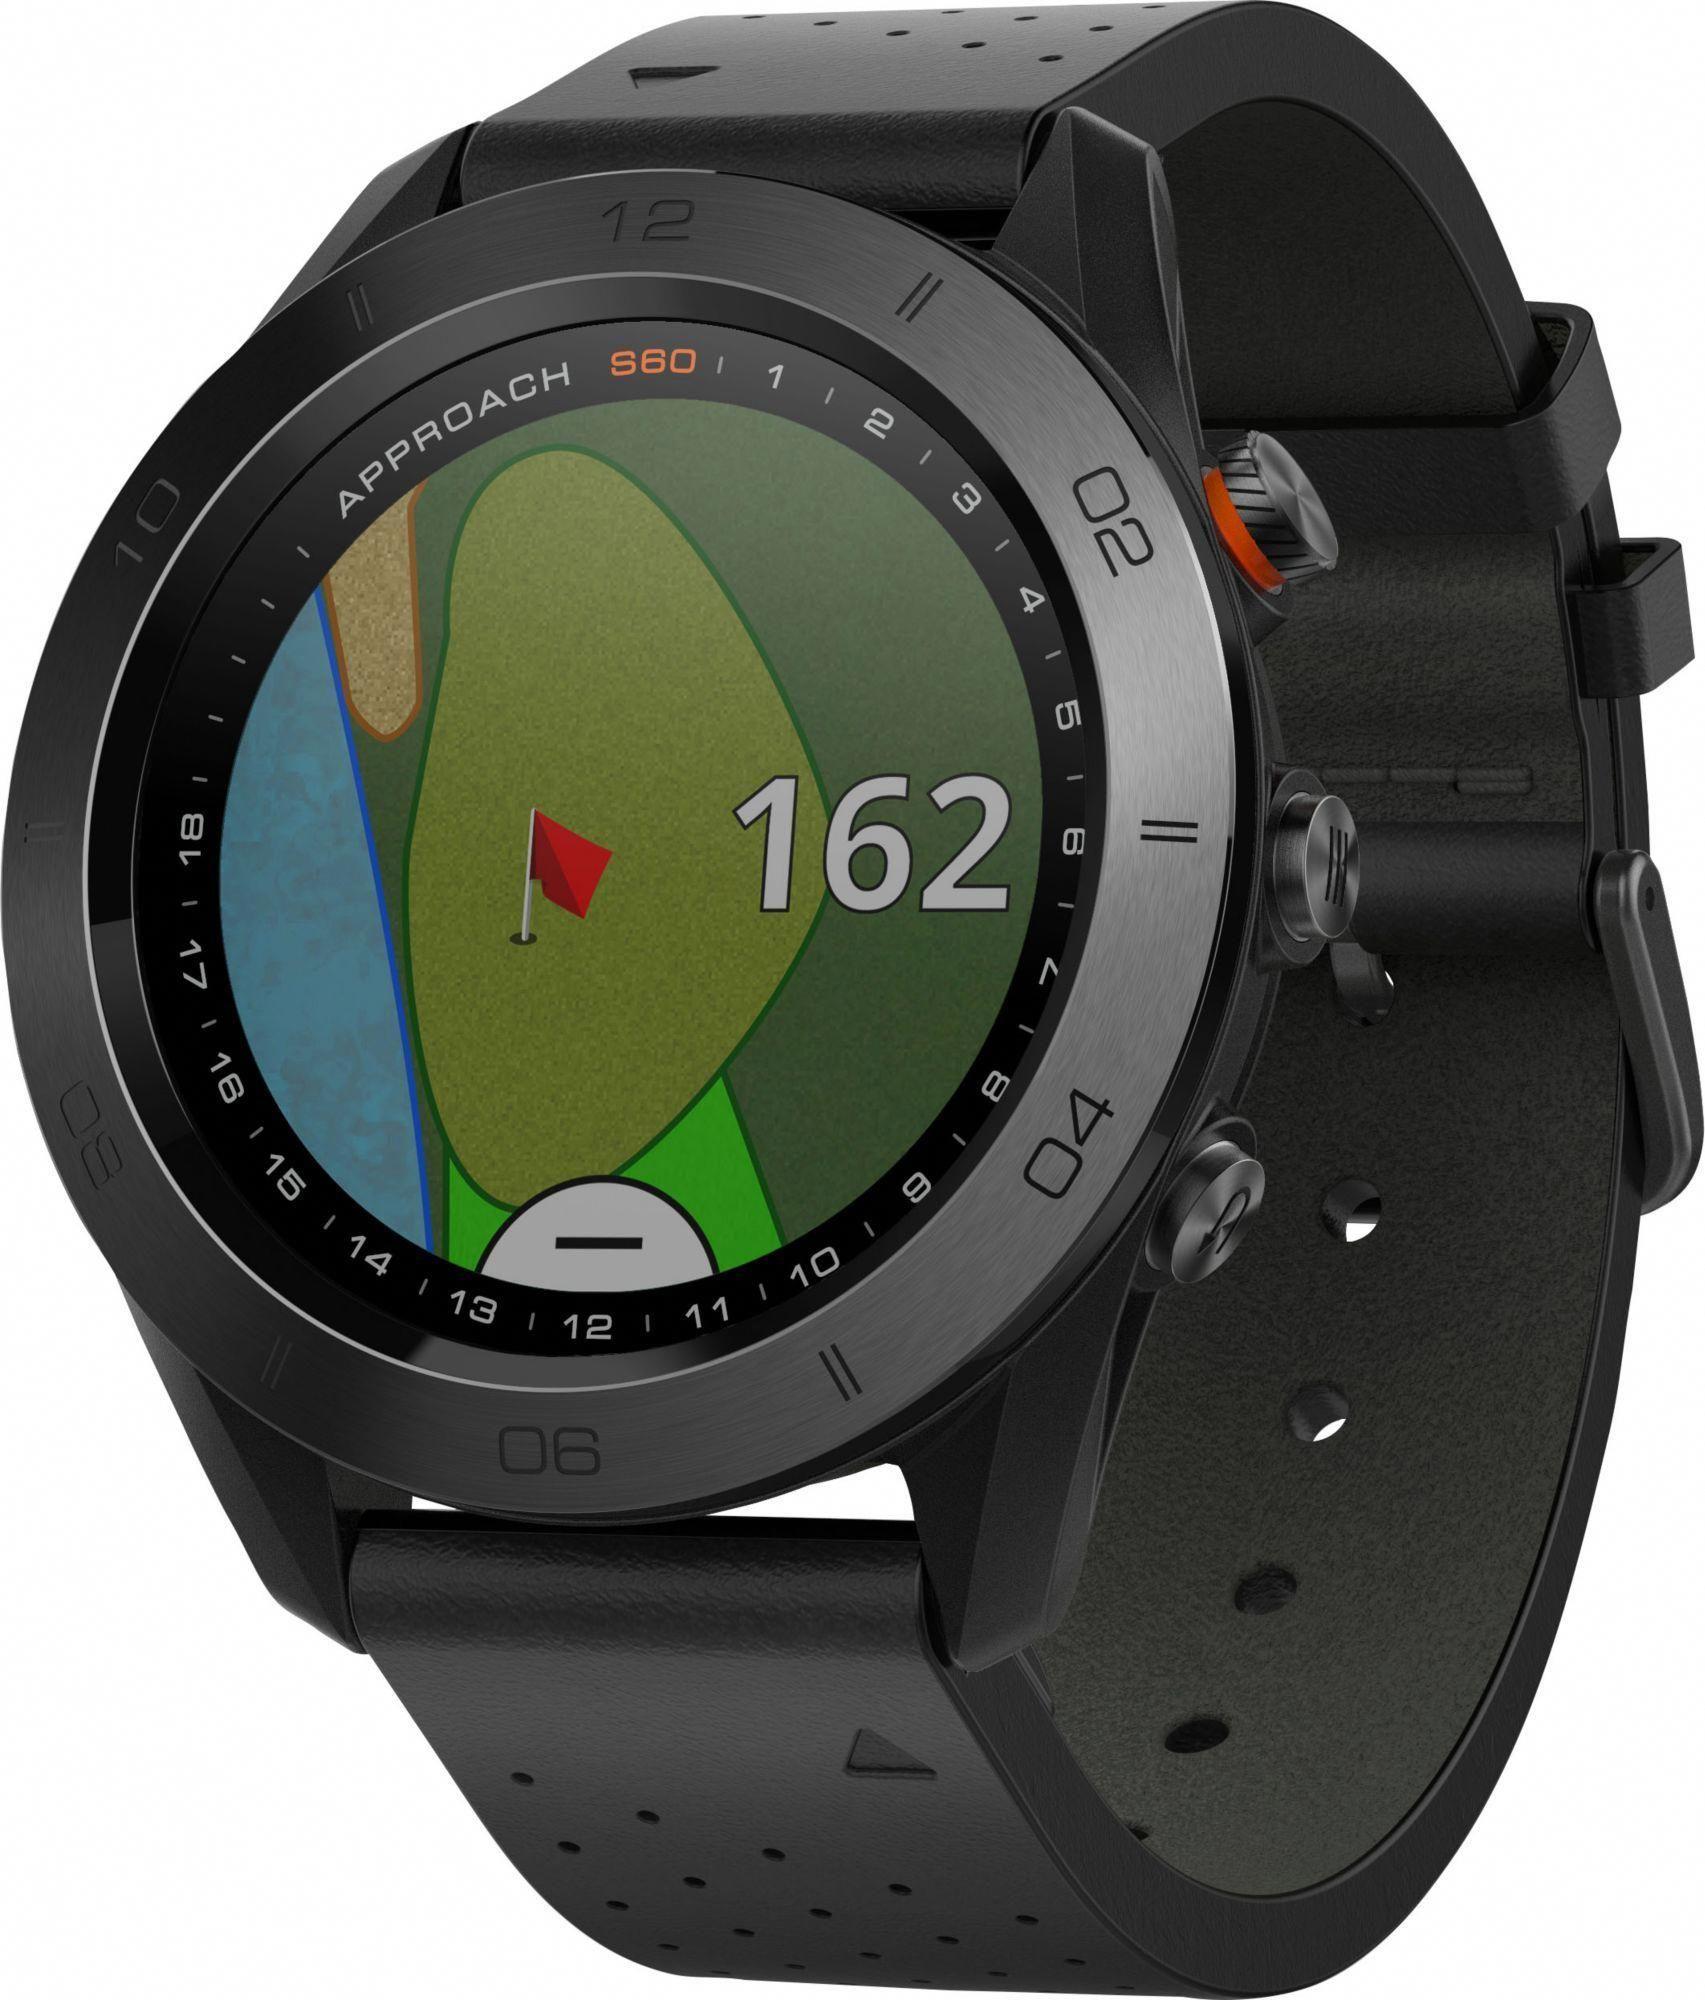 Golf Tips For Women Garmin Approach S60 Premium Golf GPS